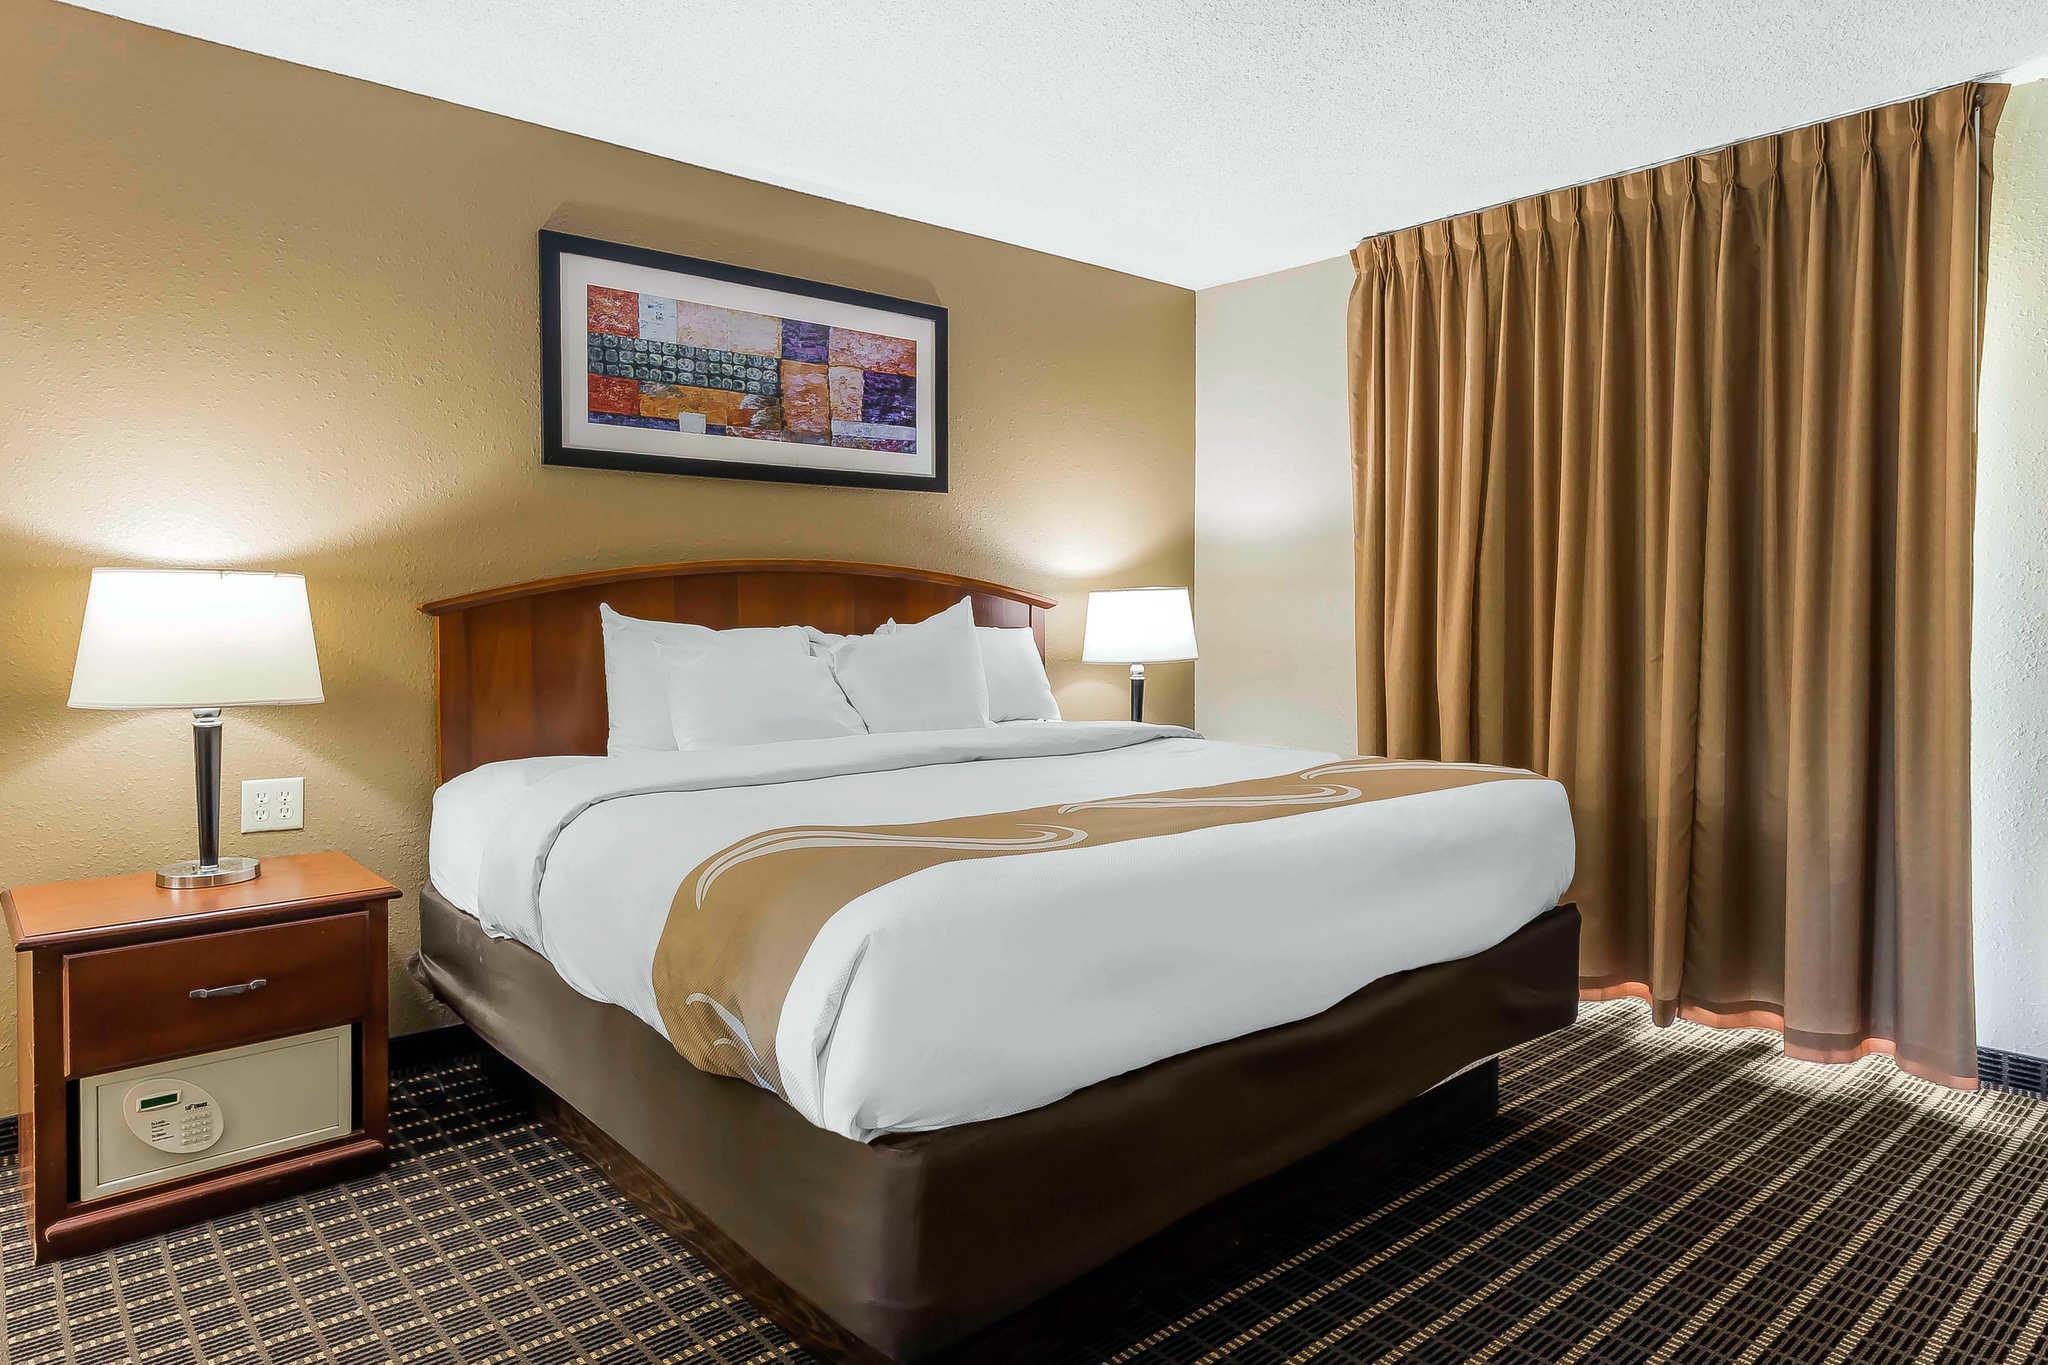 Quality Inn & Suites River Suites image 14